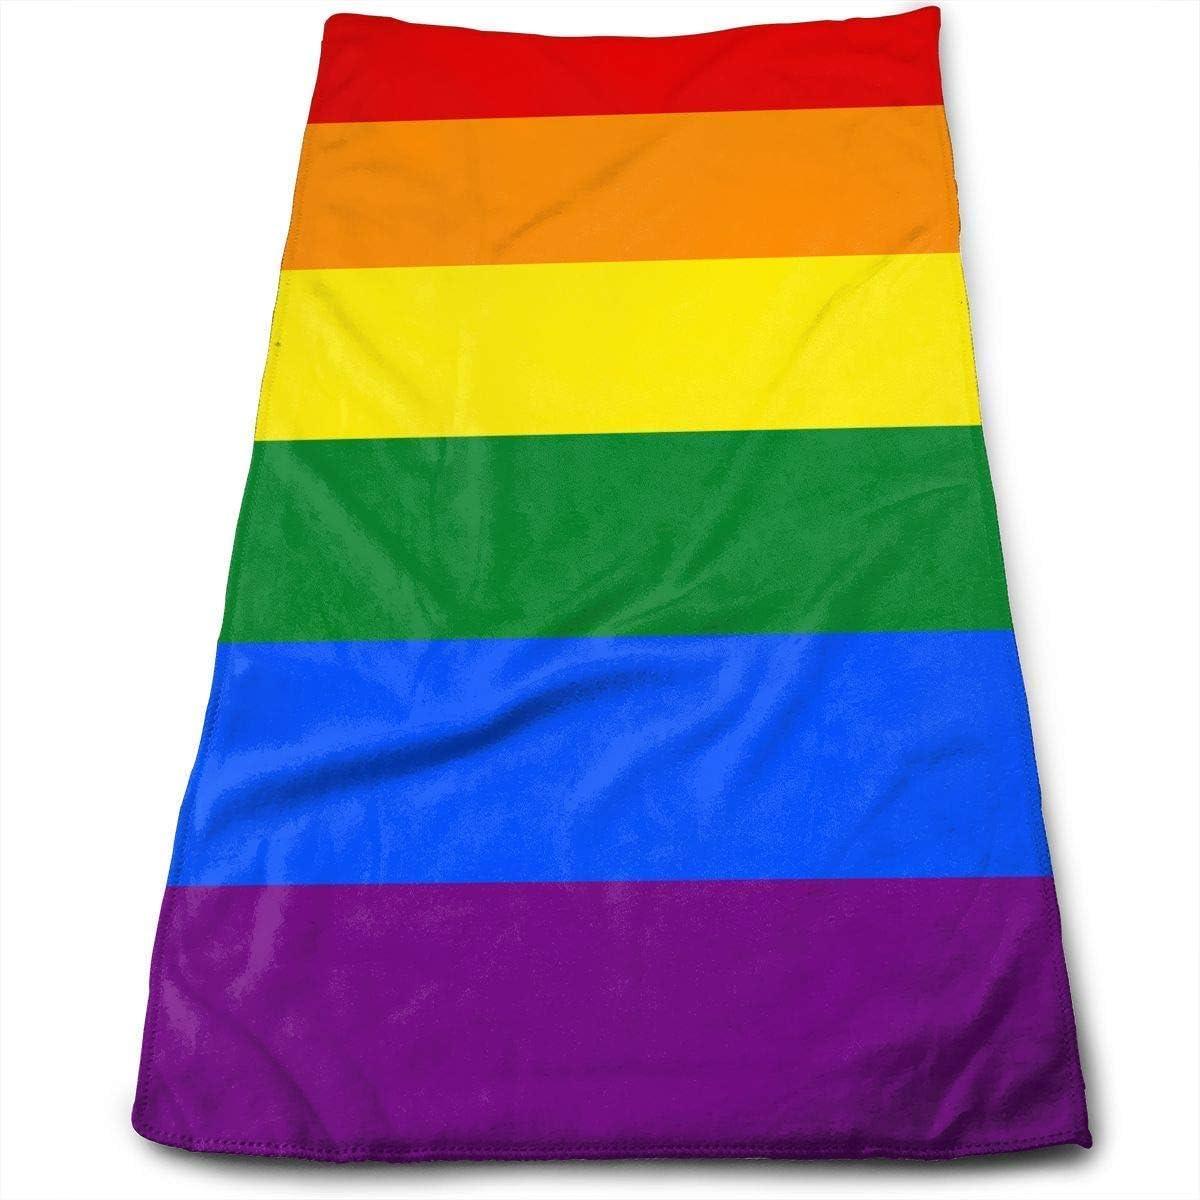 huibe Toallas de Mano Bandera del Orgullo Gay Toallas para la Cara del Arco Iris Toallas Altamente absorbentes para el Rostro Gimnasio y SPA 30 x 70 cm: Amazon.es: Hogar